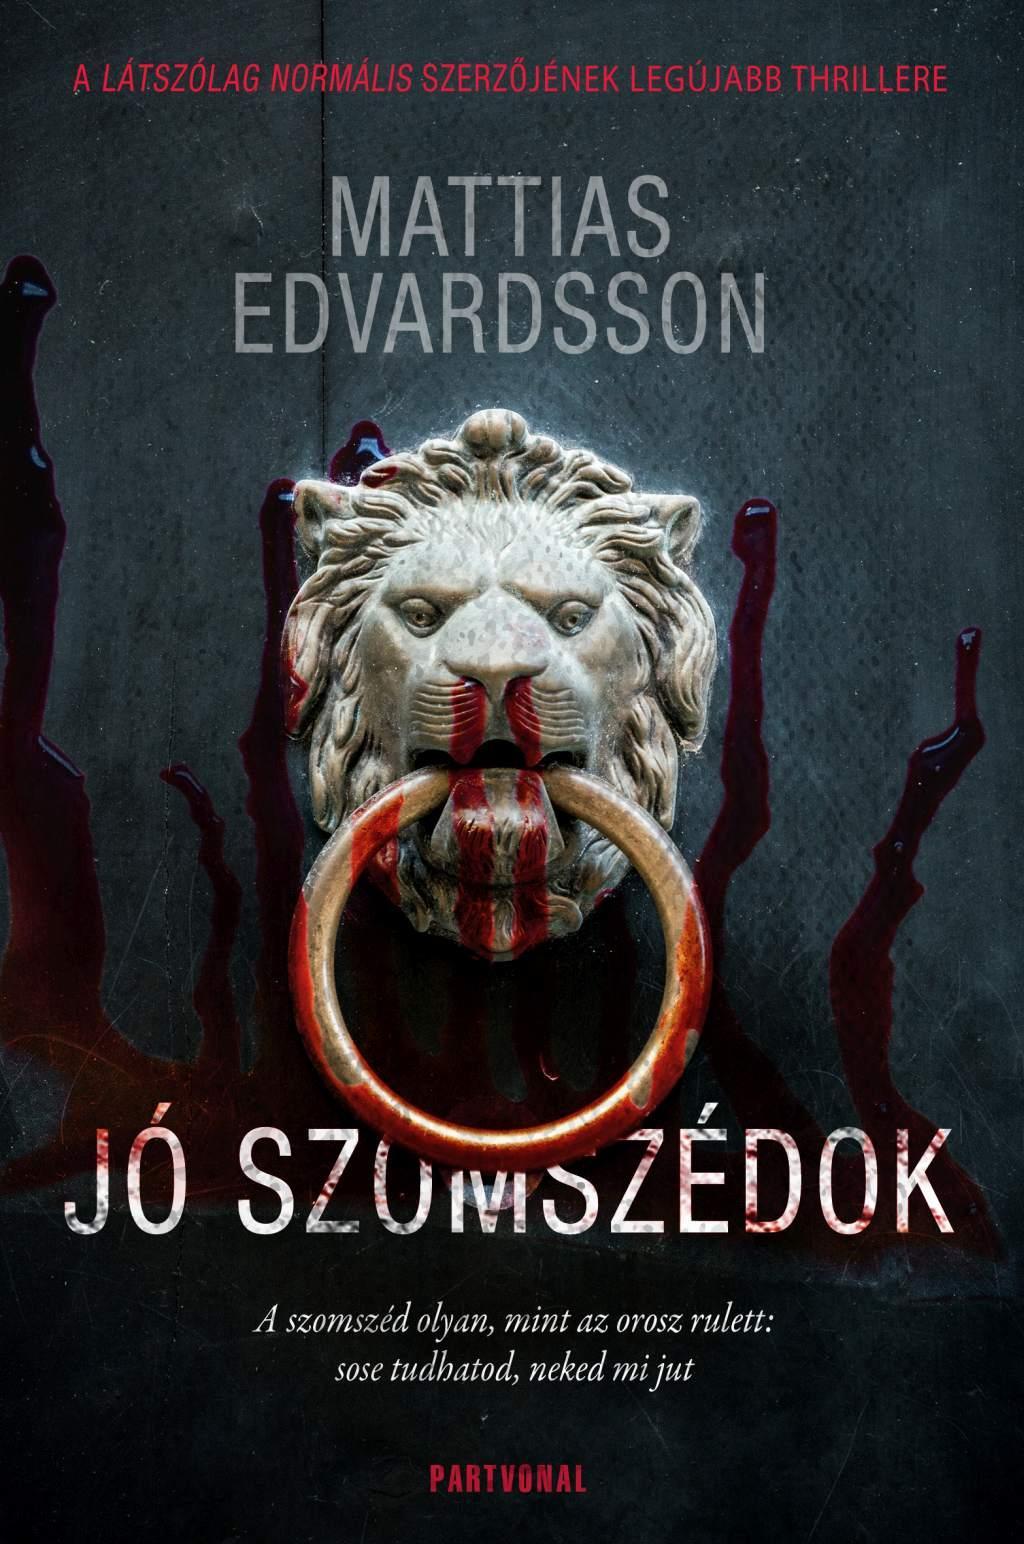 Matthias Edvardsson - Jó szomszédok